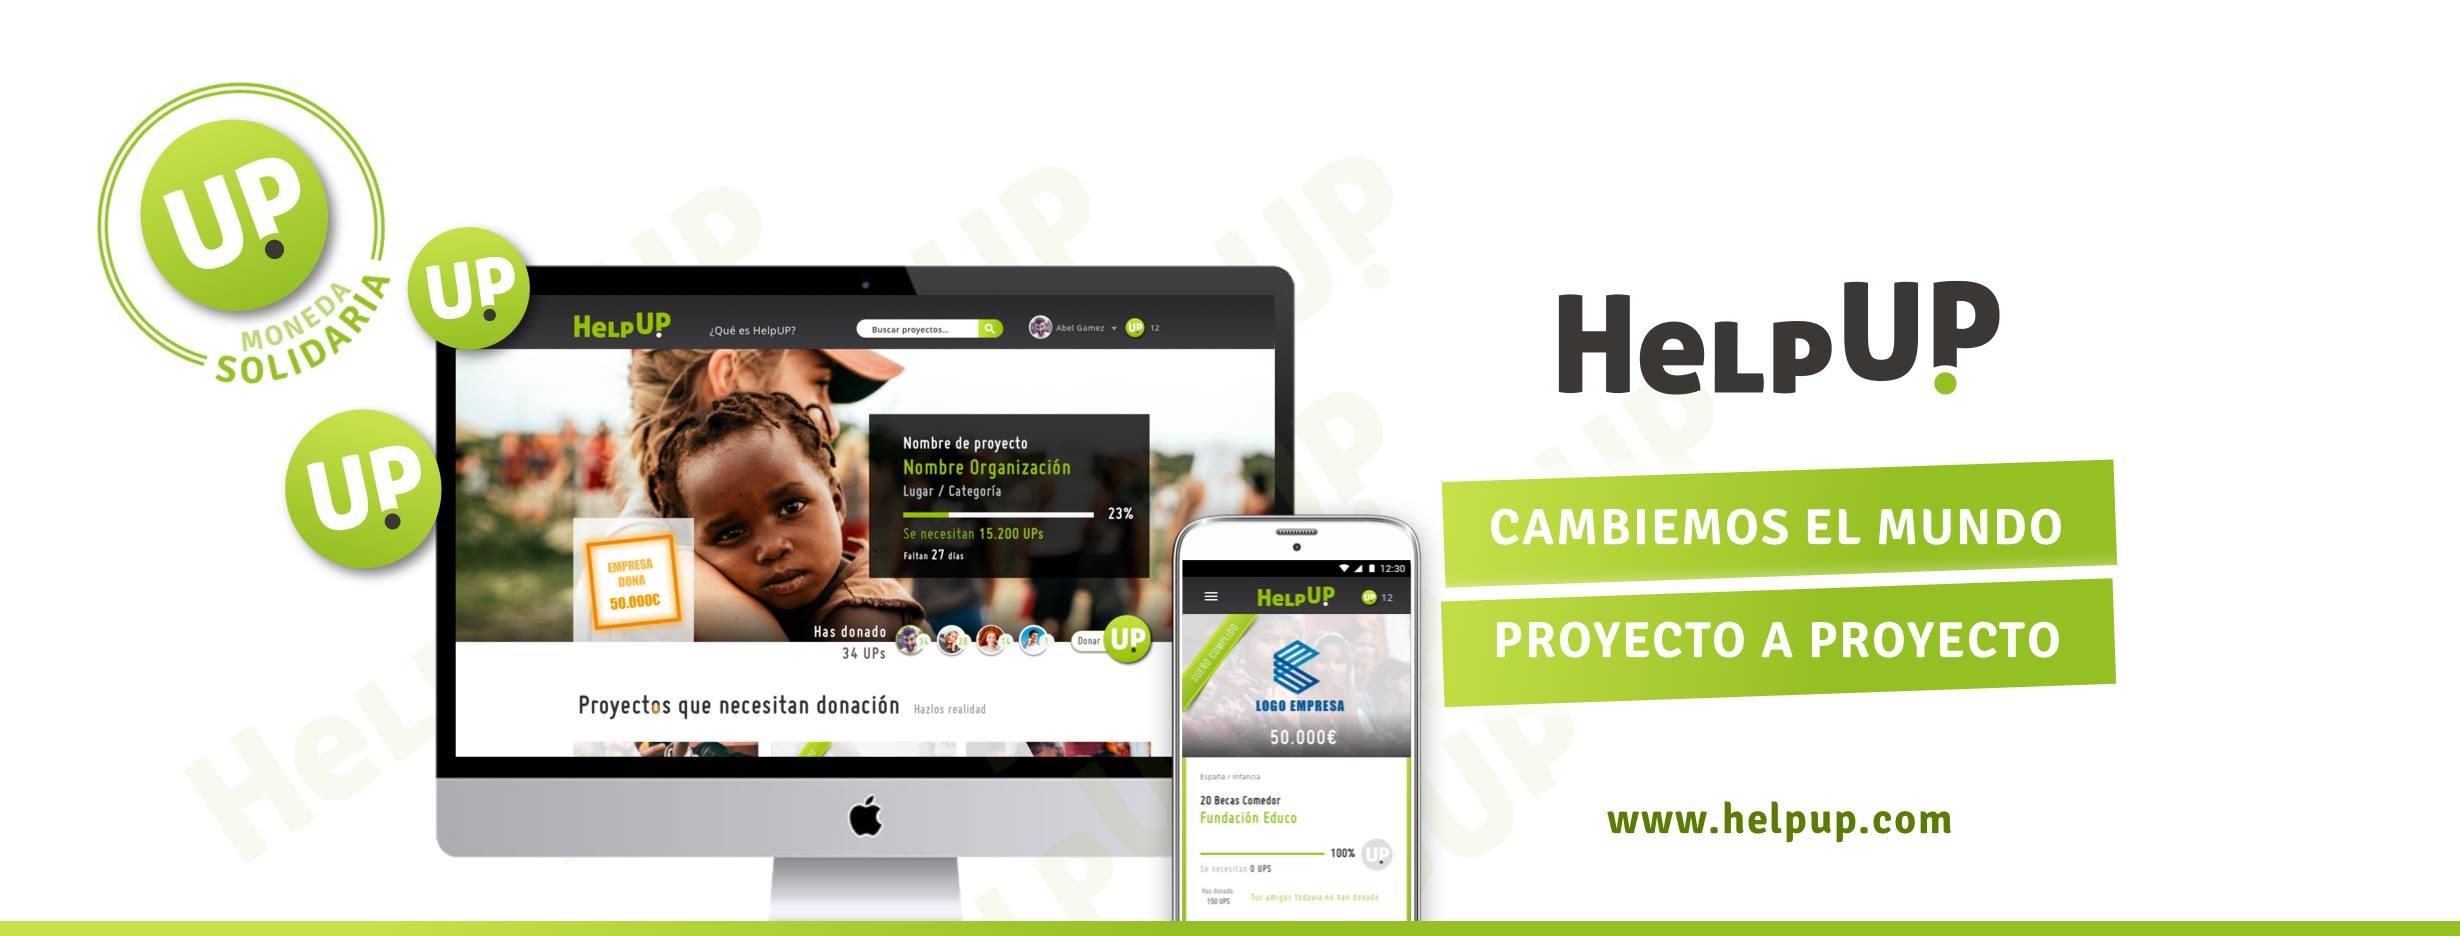 HelpUp, una red social de voluntariado que cambiará el mundo